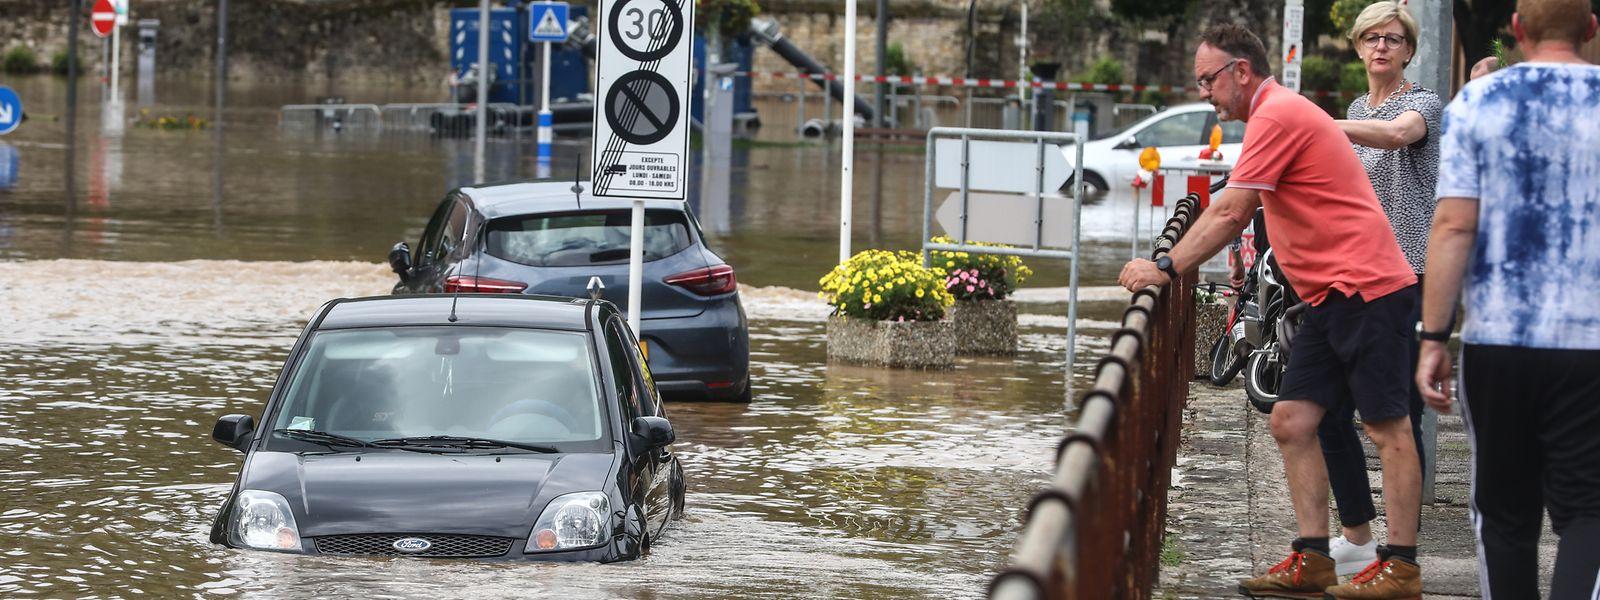 Comme ici, à Echternach, de nombreux automobilistes ont eu la désagréable surprise de retrouver leur voiture au milieu des eaux.